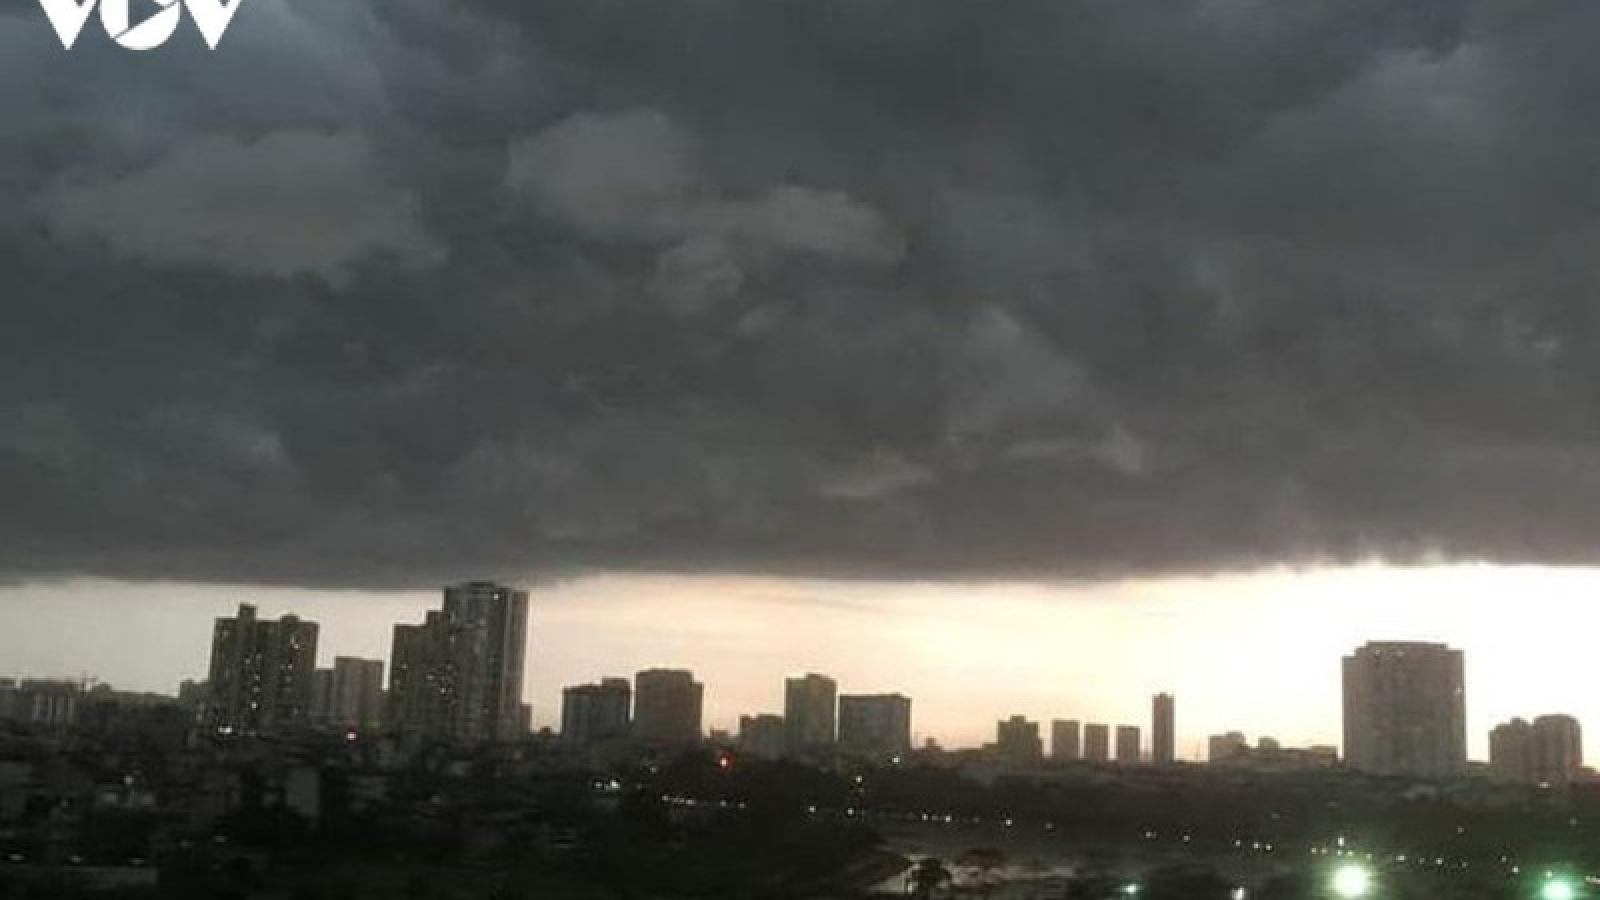 Dự báo thời tiết hôm nay: Bắc Bộ có mưa to vào chiều tối và đêm